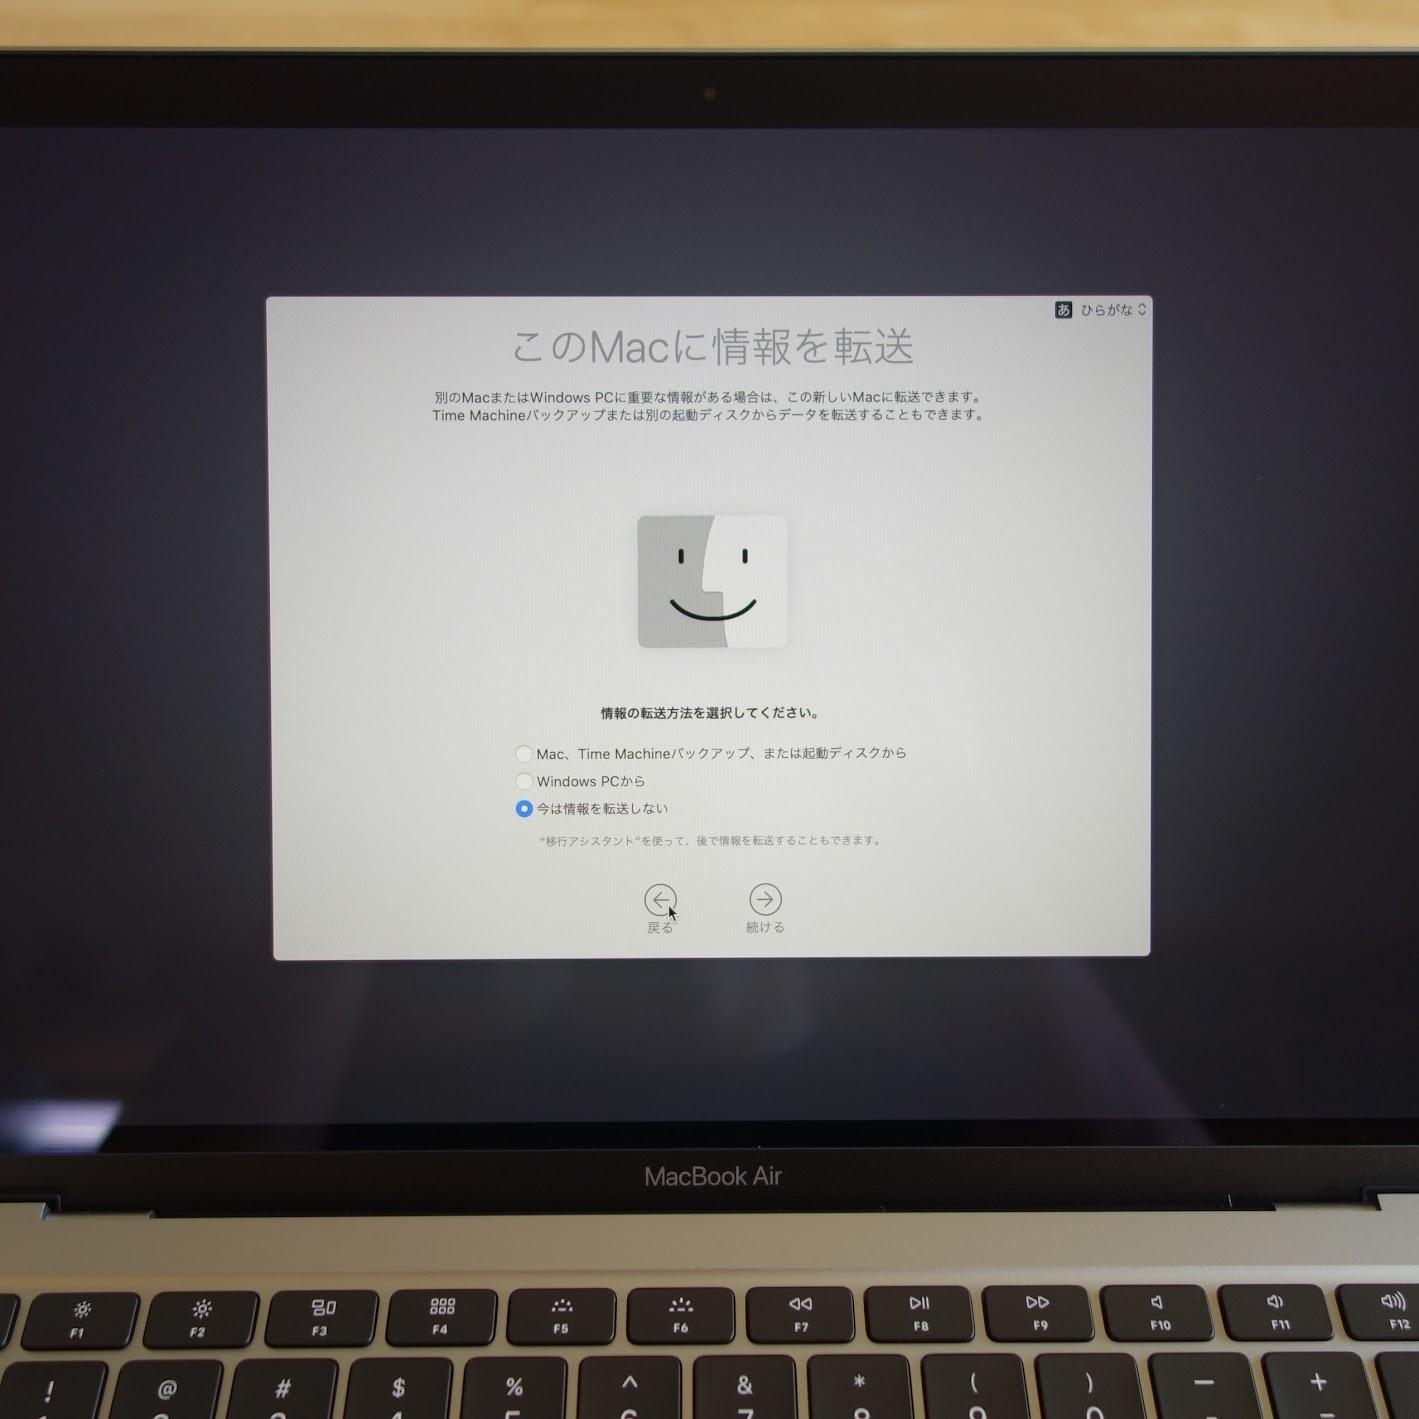 MacBook Air 移行アシスタント